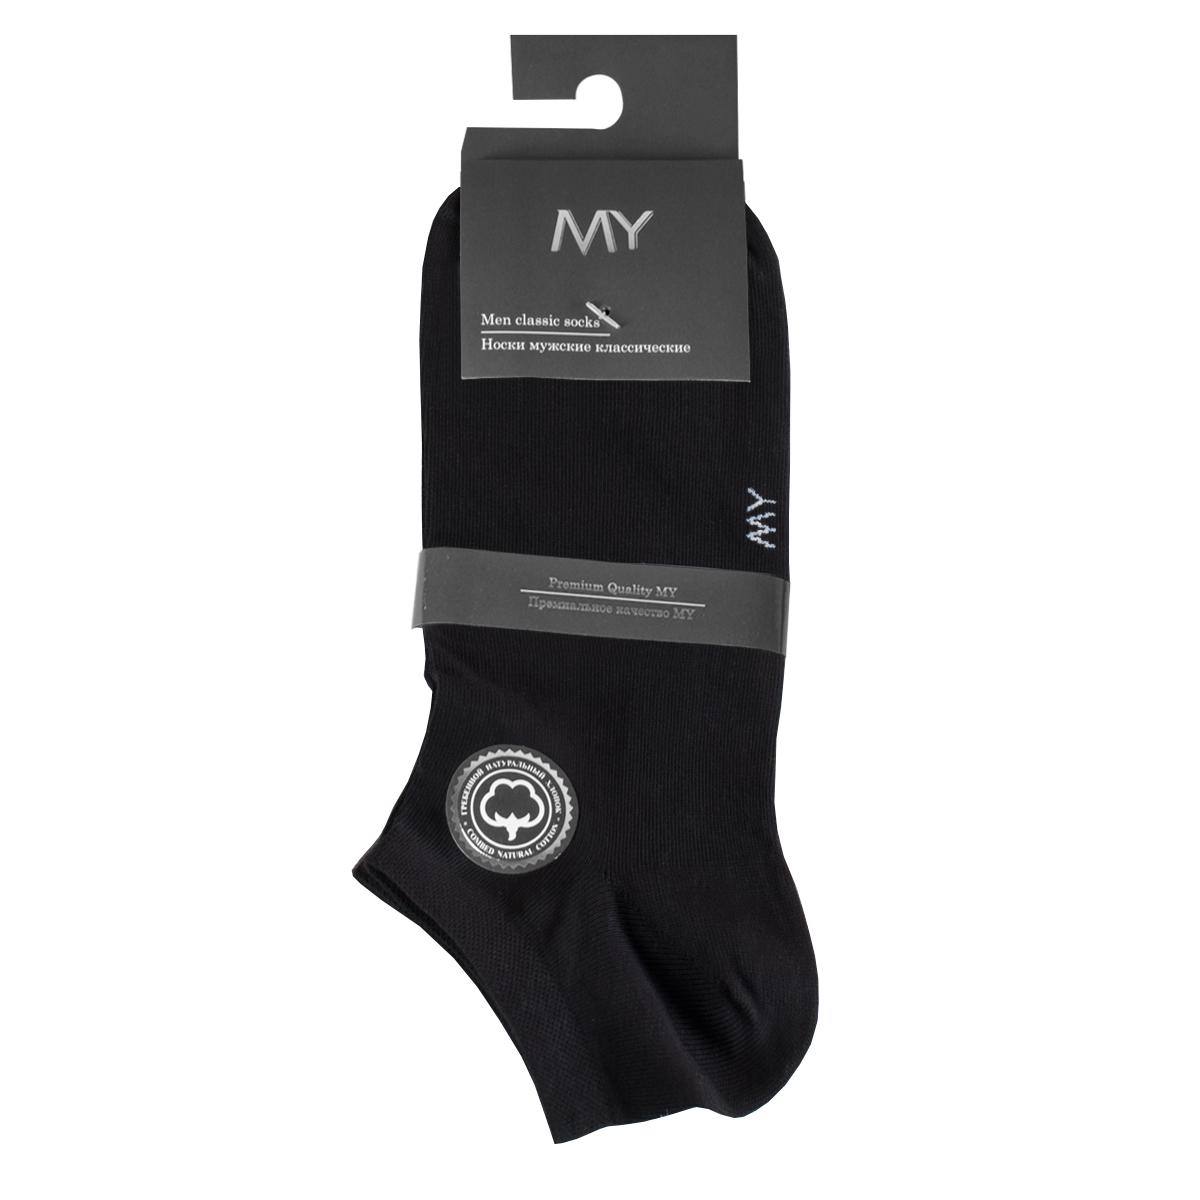 Носки мужские Mirey, цвет: черный. MSC 006. Размер (38/40)MSC 006Короткие мужские носки от Mirey выполнены из хлопка с эластаном.Усиленный мысок и пятка, двойная резинка сетка, плоский шов.